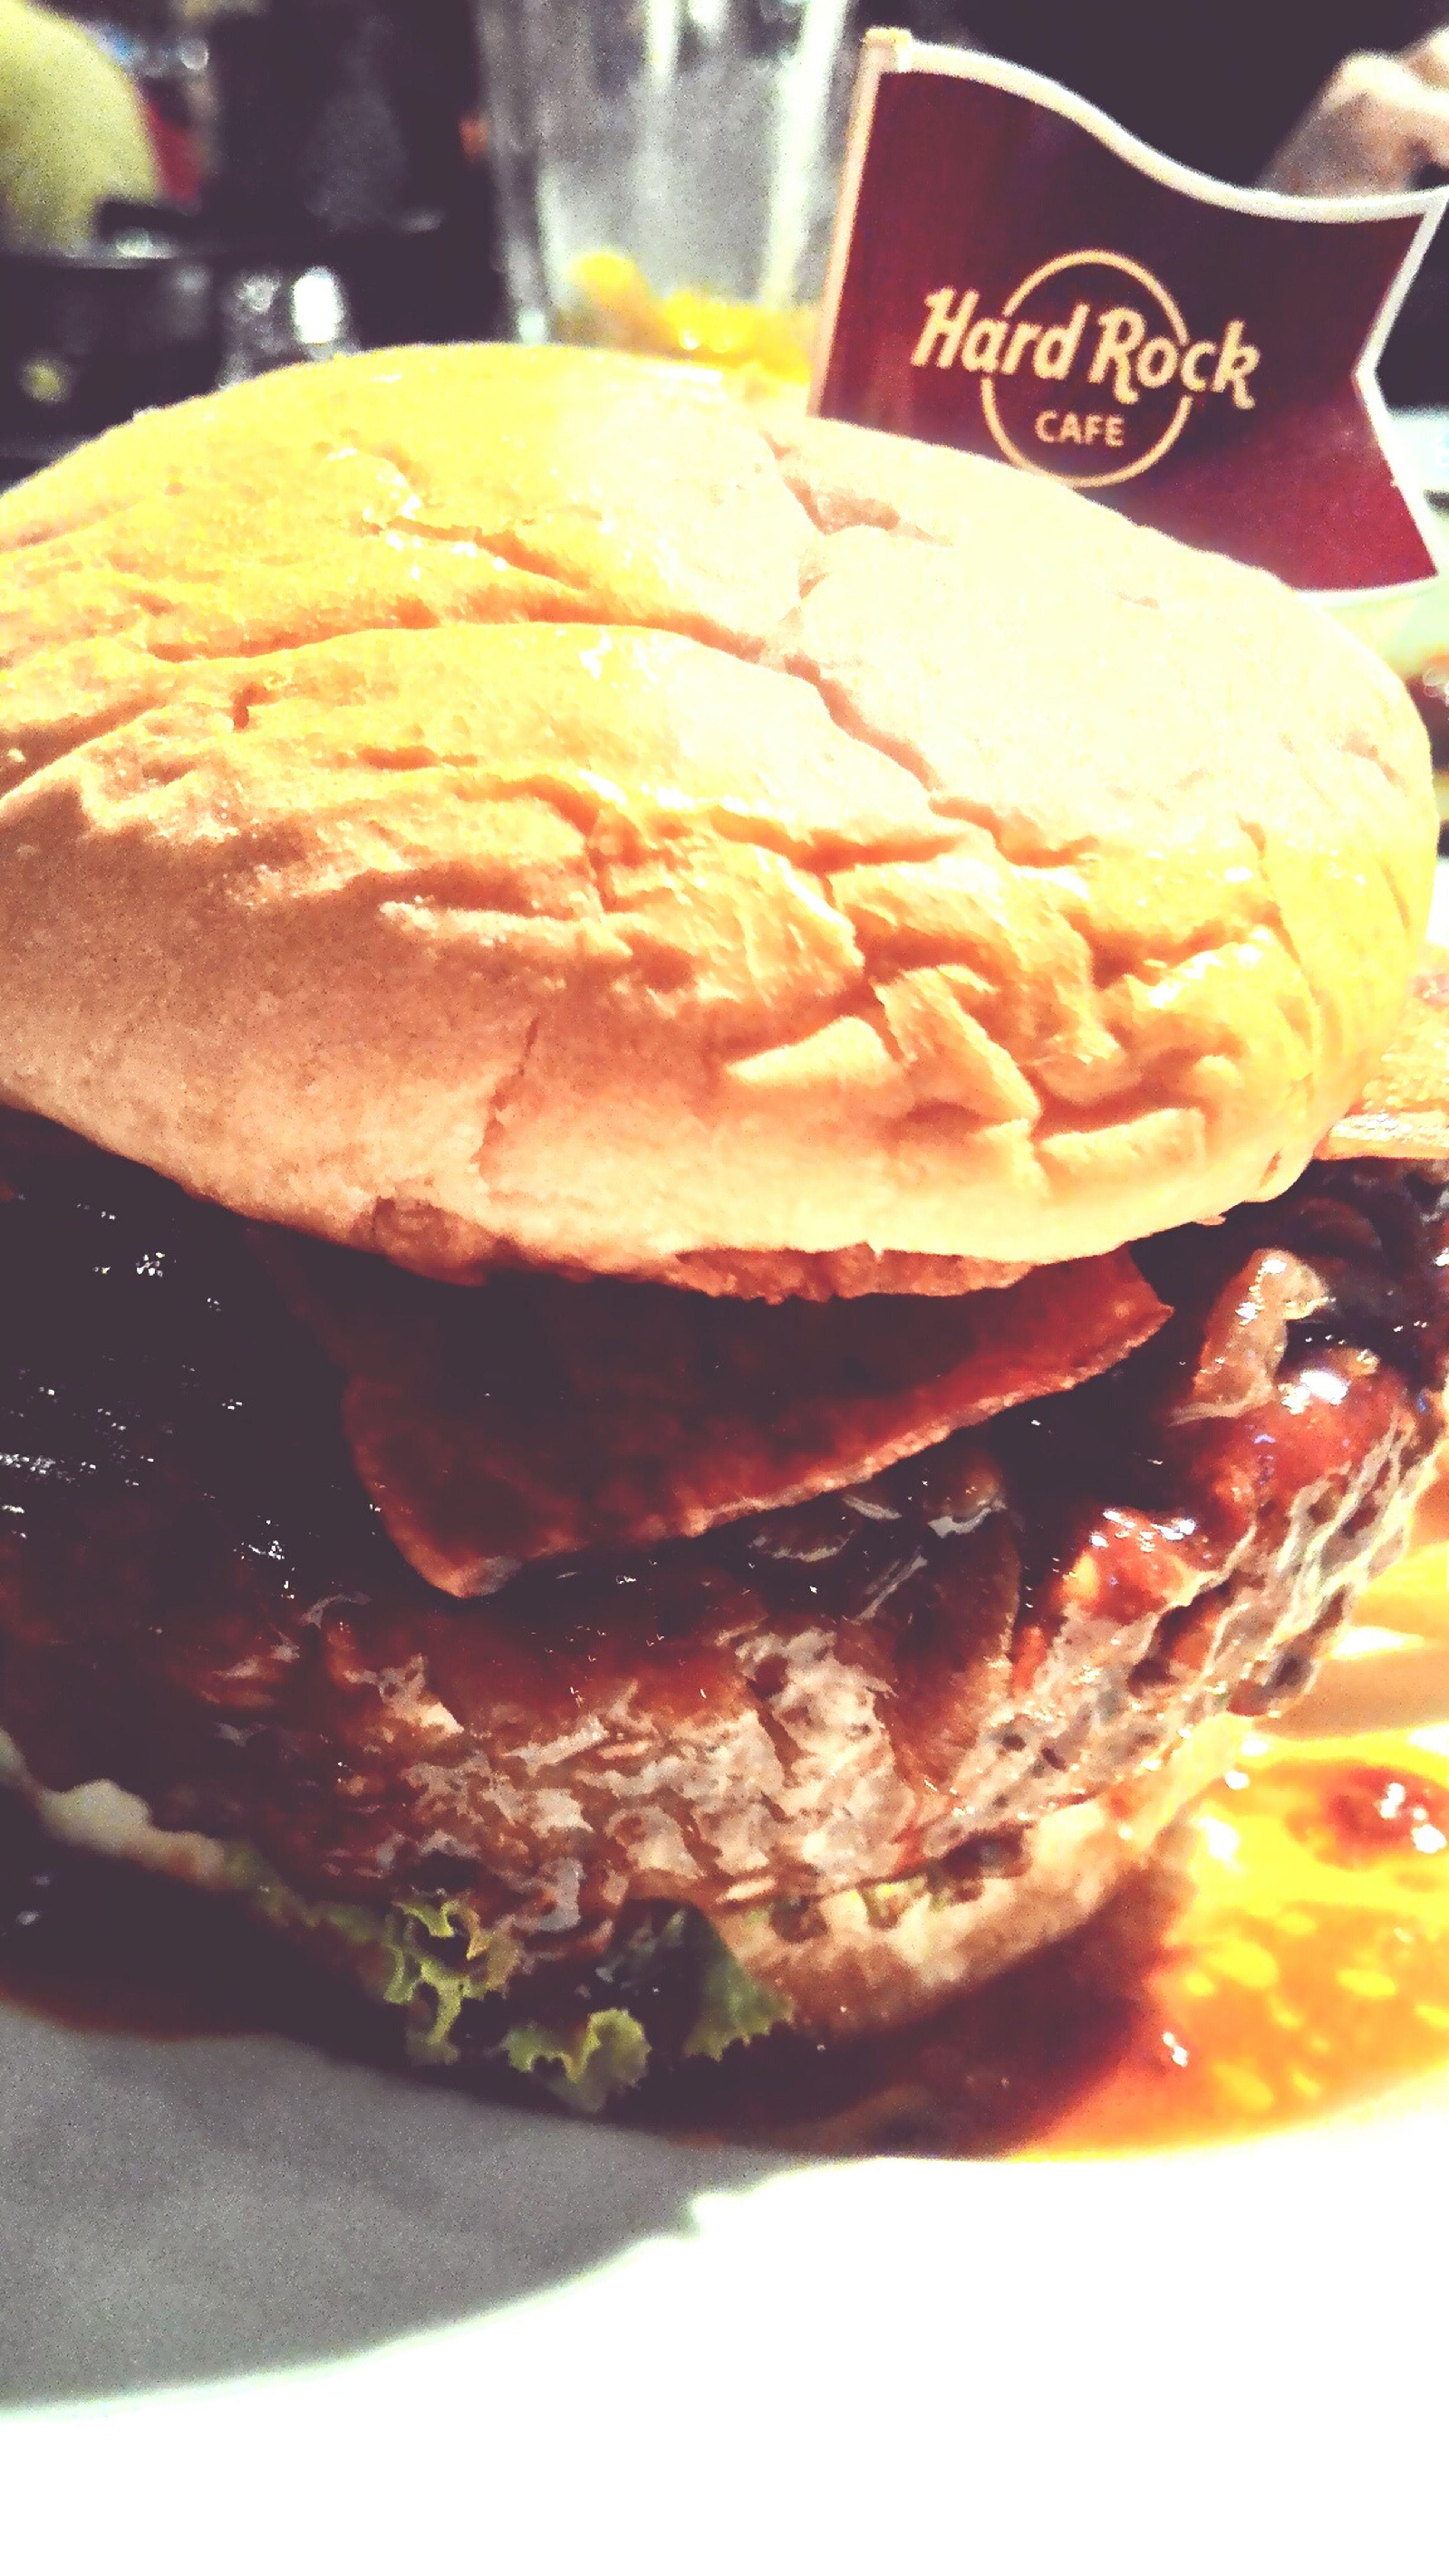 Hardrockcafe Im Full As Hell. Big Burger Yummy Nom Nom Nom Nom Nomnomnomnom What The Fuck Is Nom Wink Nom For Fun